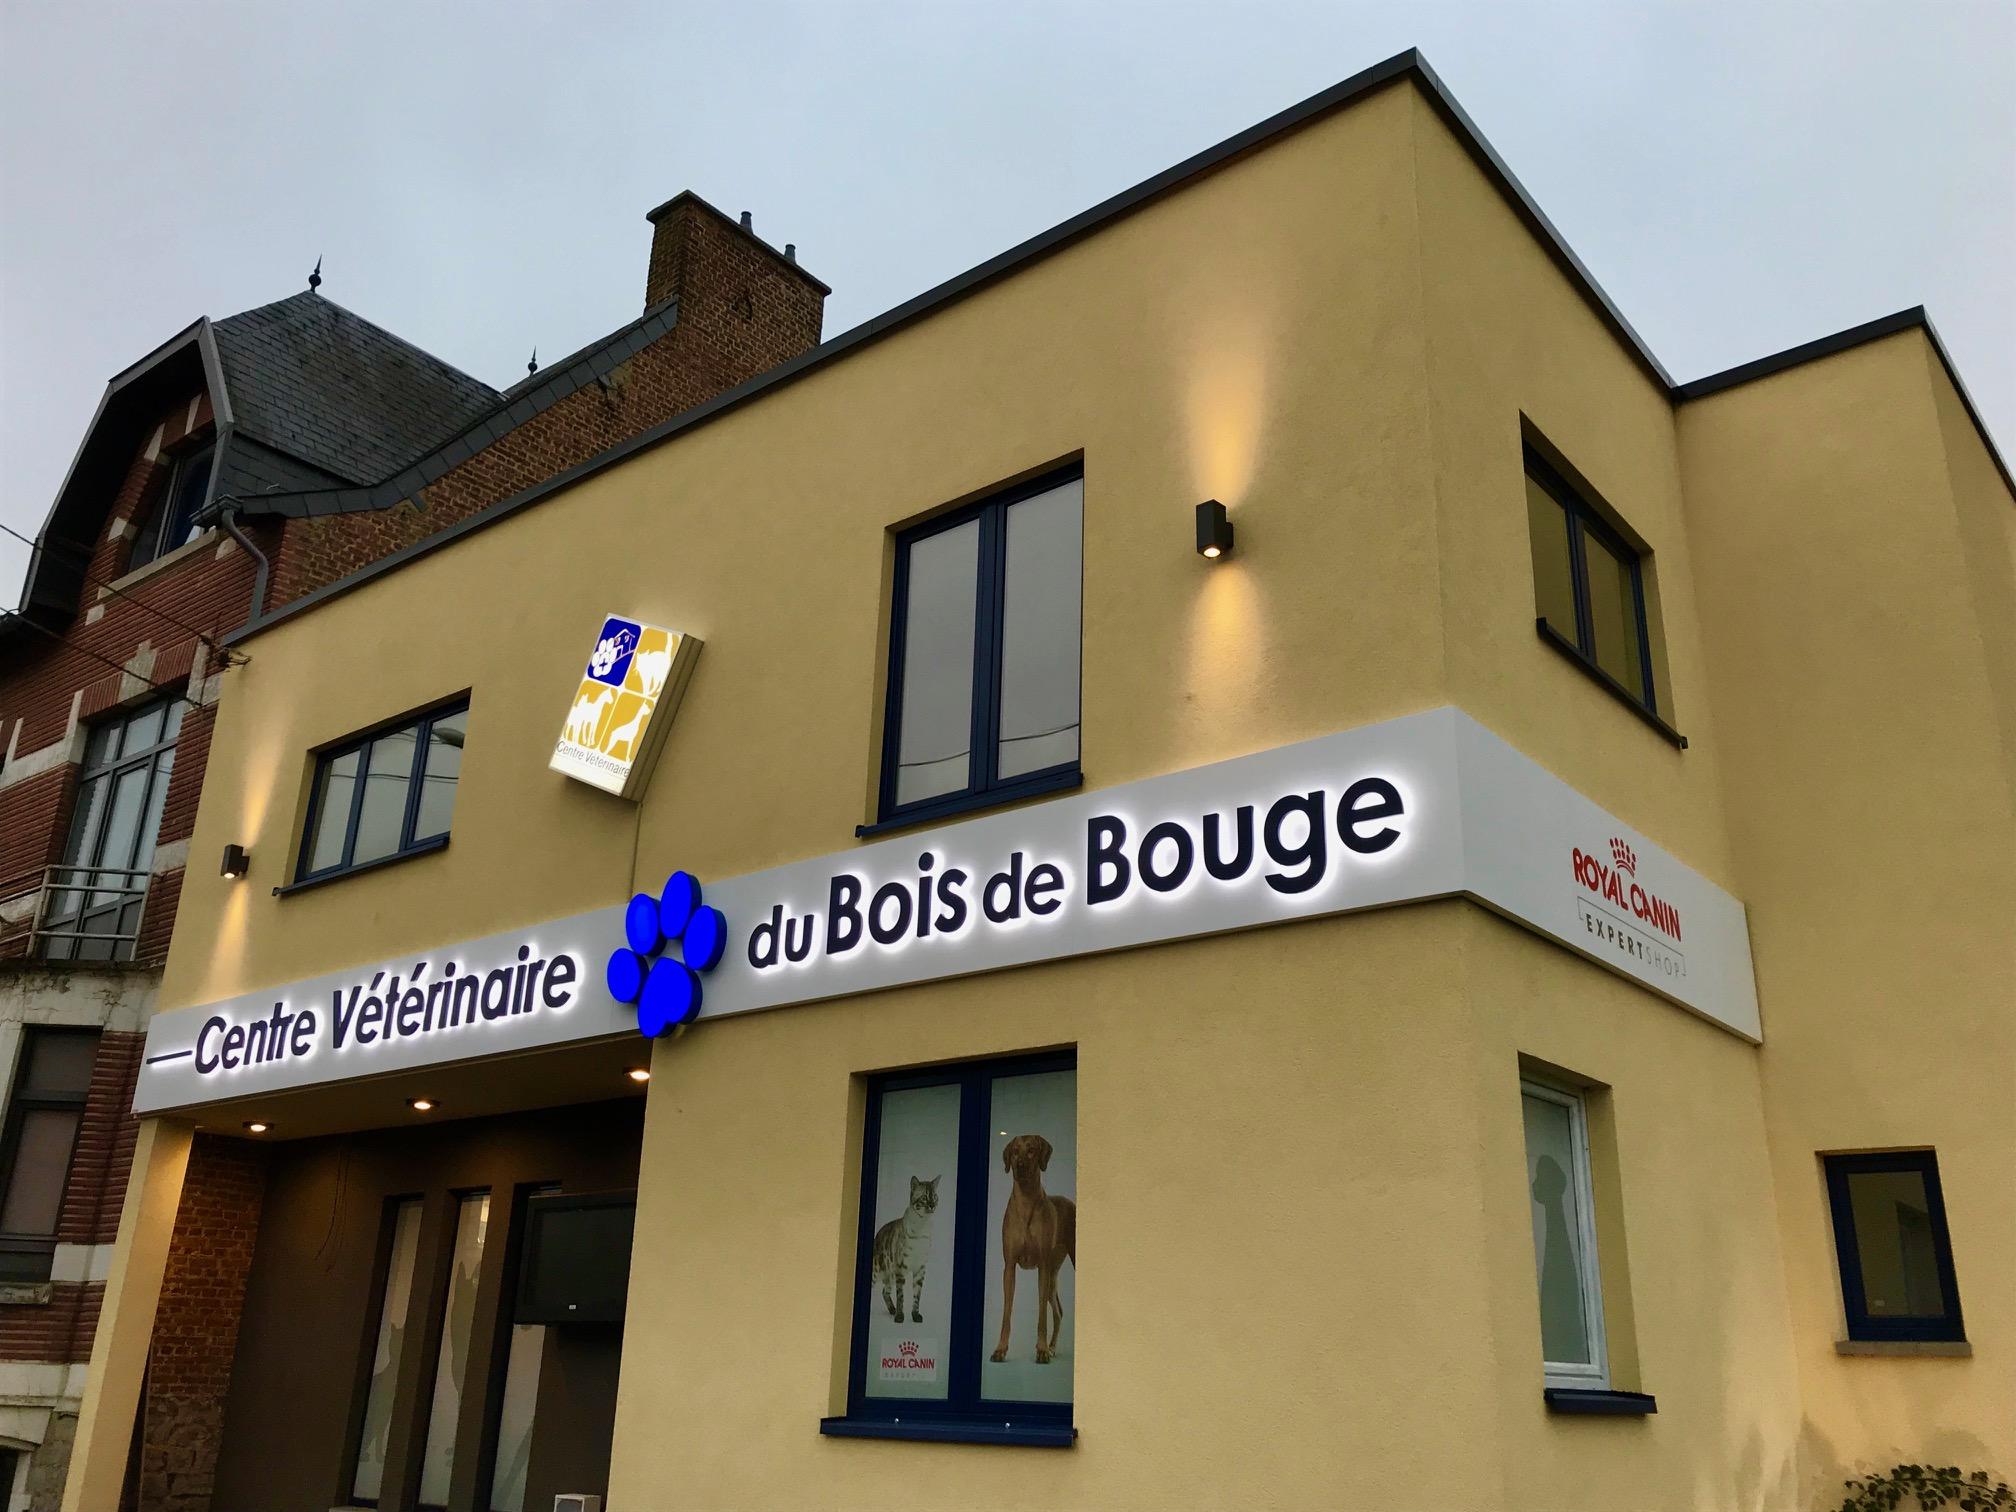 Enseigne et croix de pharmacie Centre vétérinaire du Bois de Bouge